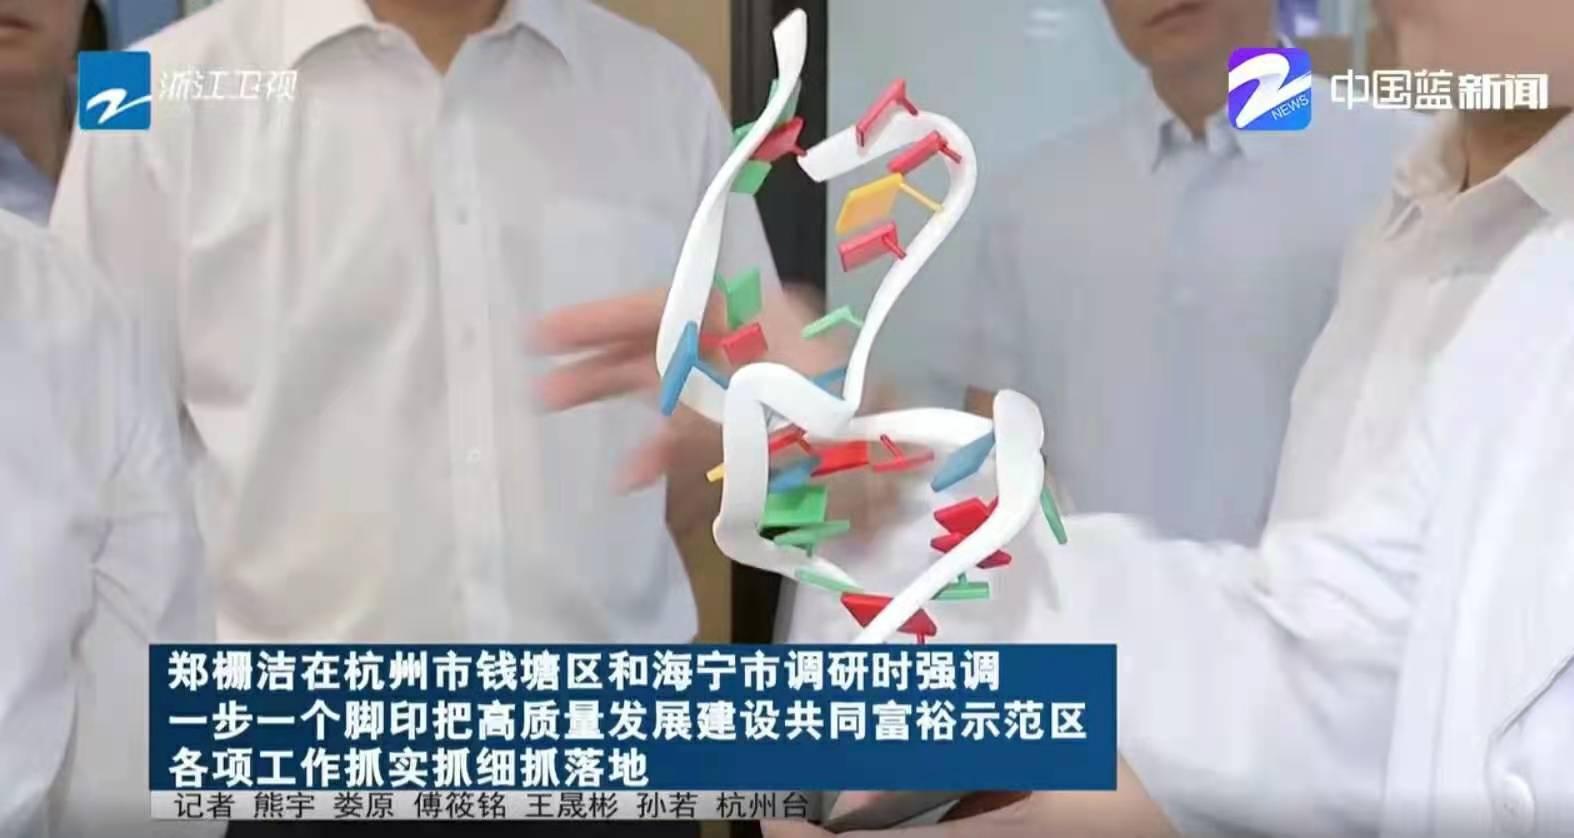 3D打印模型摆件-浙江卫视